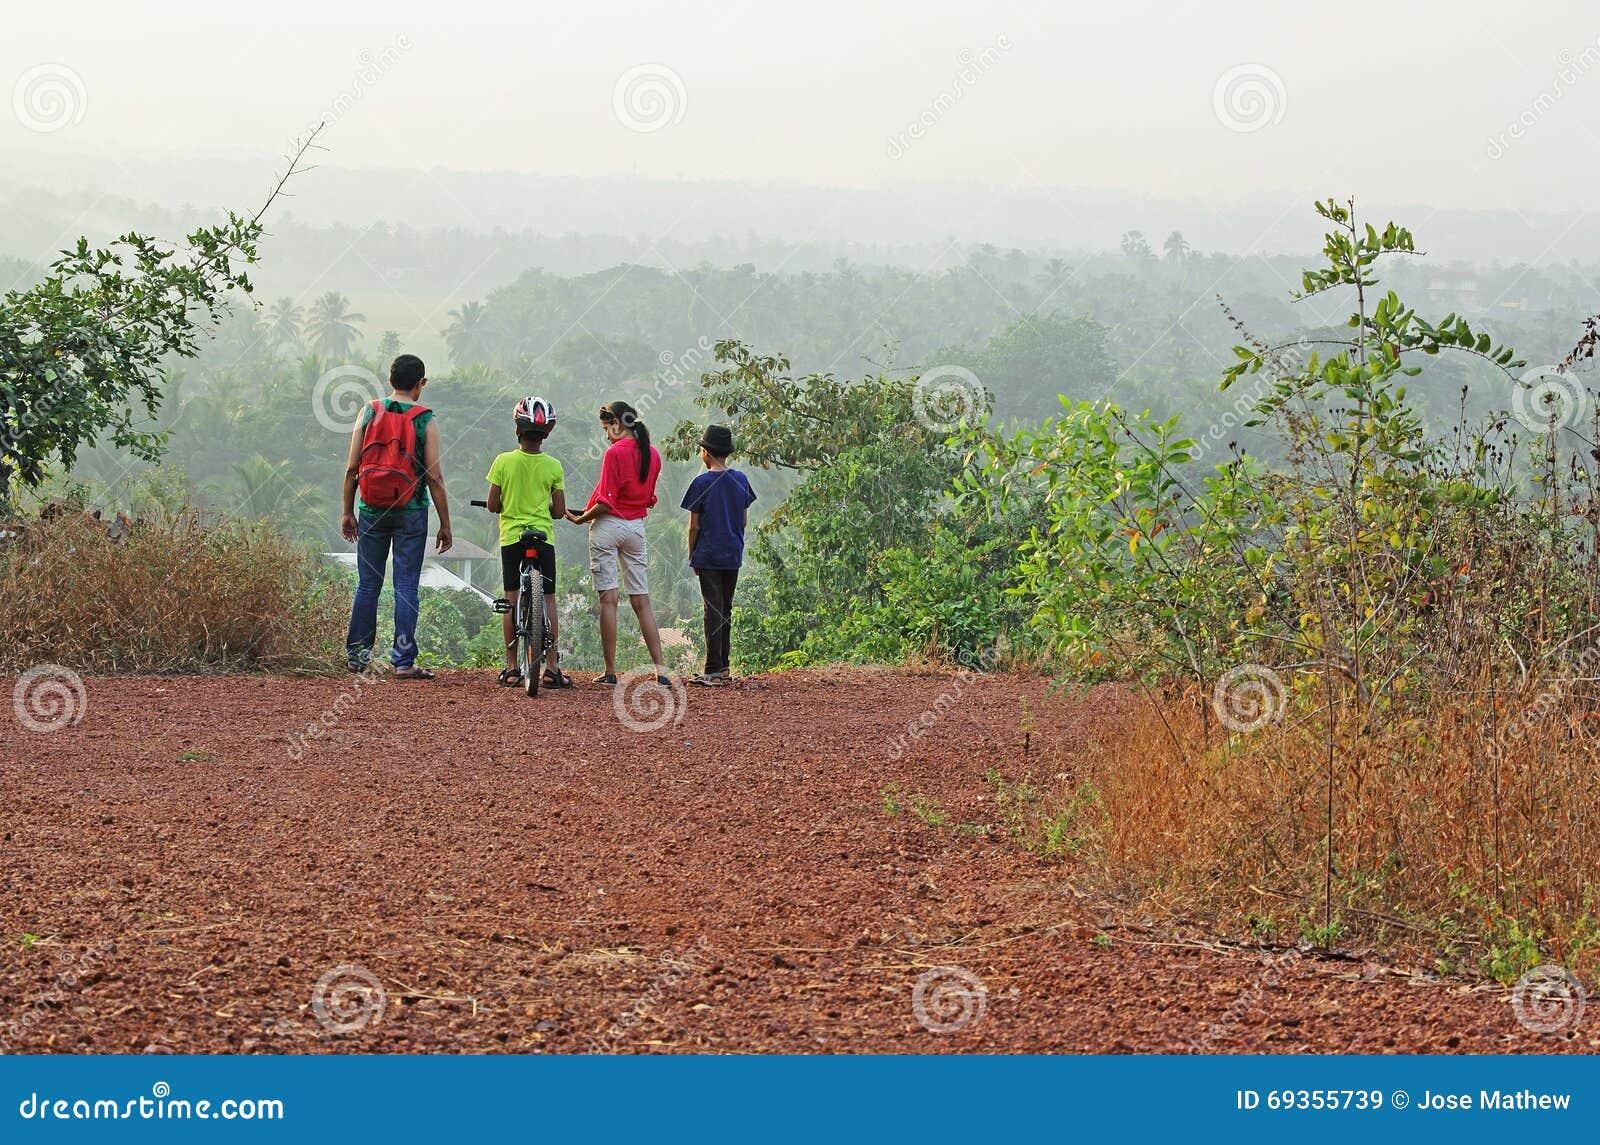 Trekking de groupe dans Hilly Countryside scénique